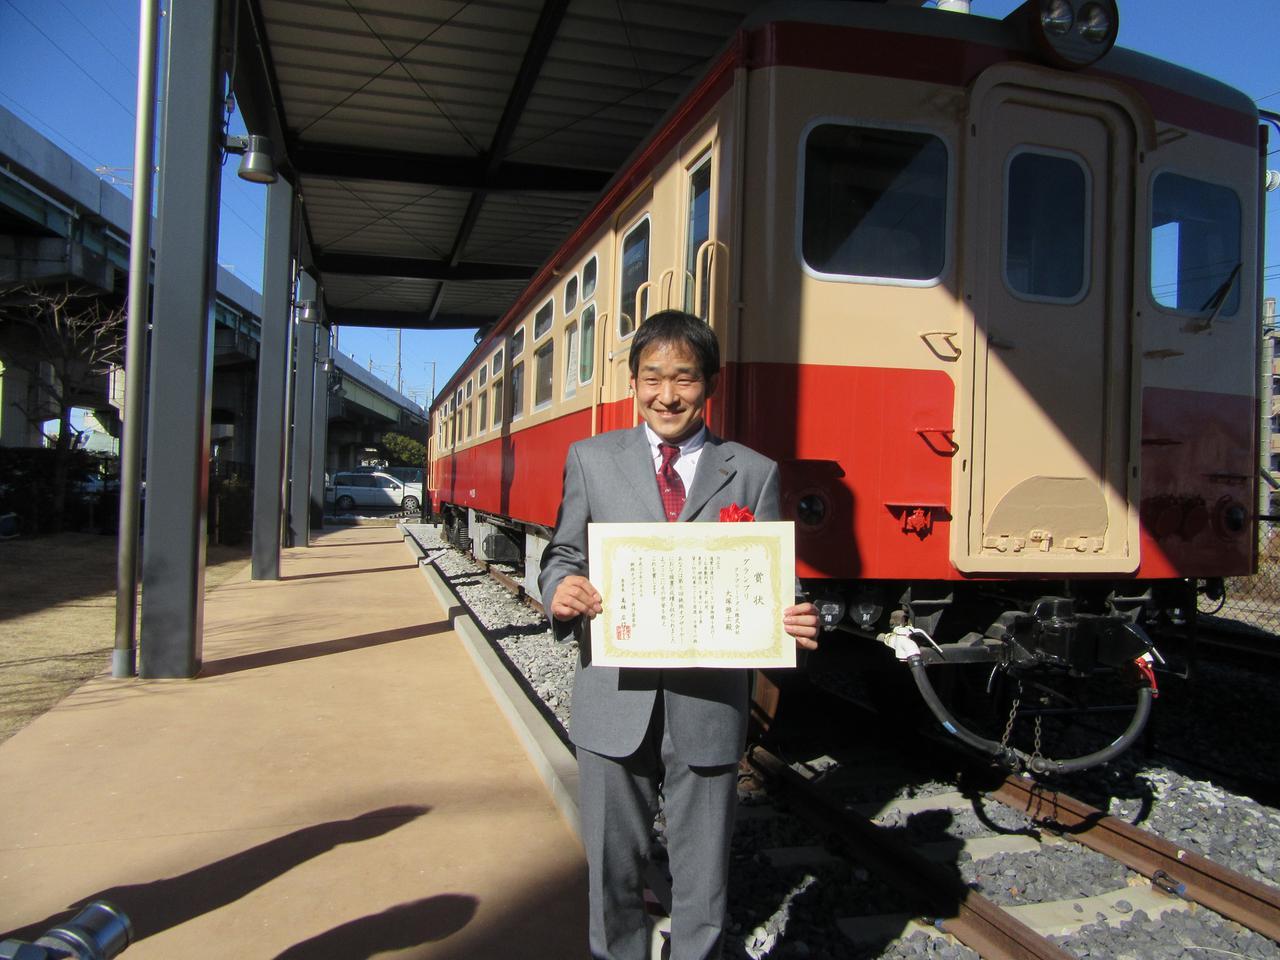 画像: 第7回鉄旅オブザイヤーにて見事グランプリを受賞(鉄道博物館にて/撮影弊社社員)